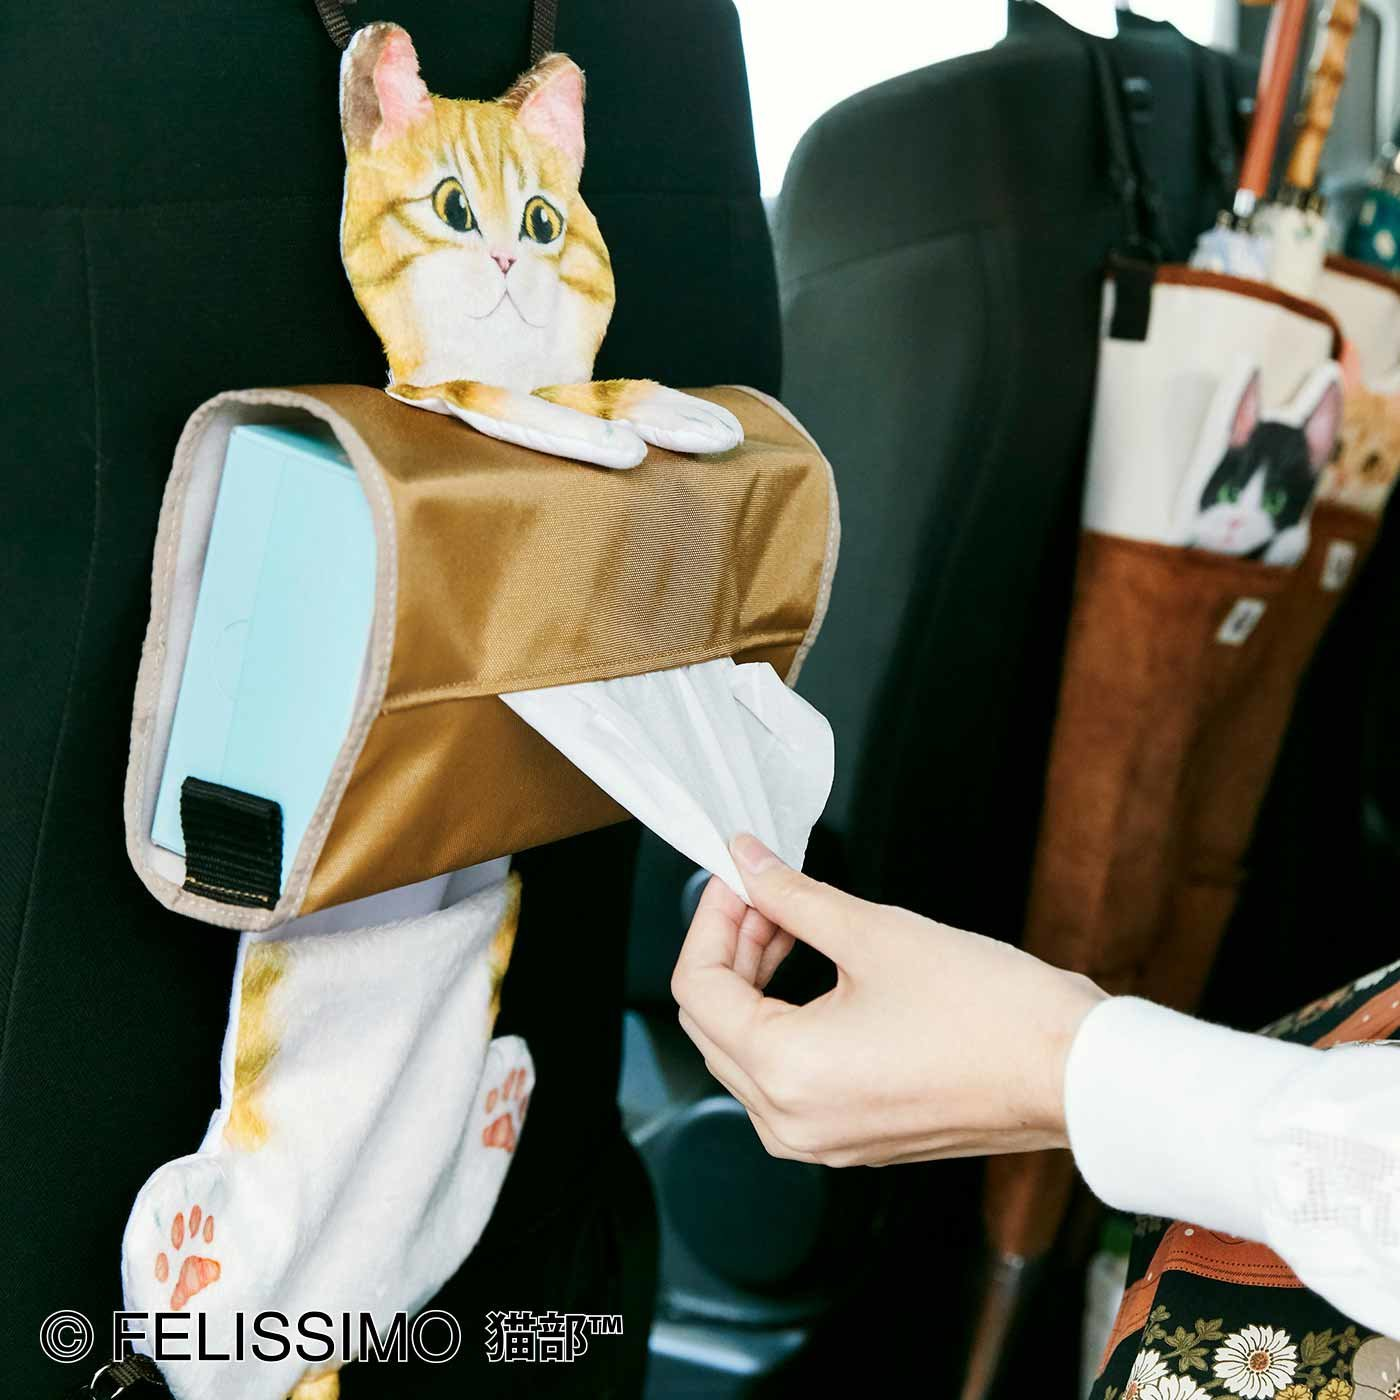 遊びにきたニャ! ぶらさがる猫のティッシュカバーの会